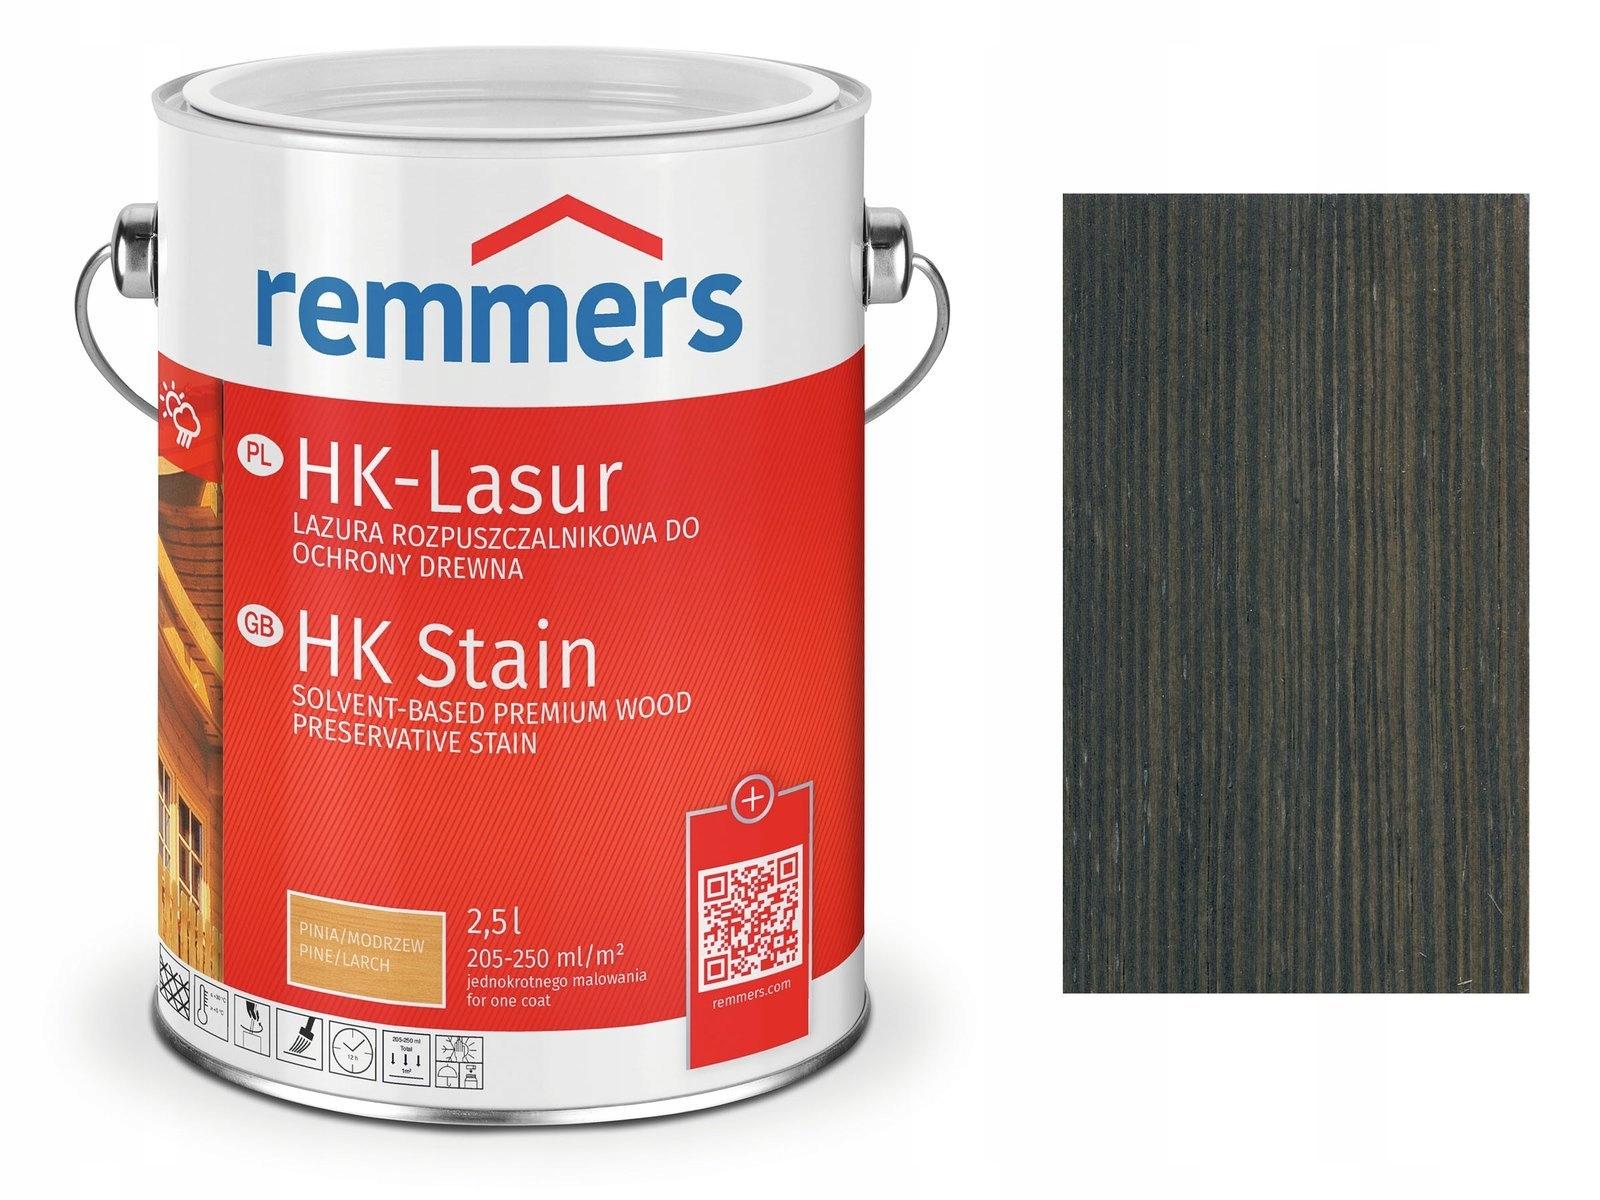 Remmers HK-Lasur пропитка для древесины 5 Л АНТРАЦИТ